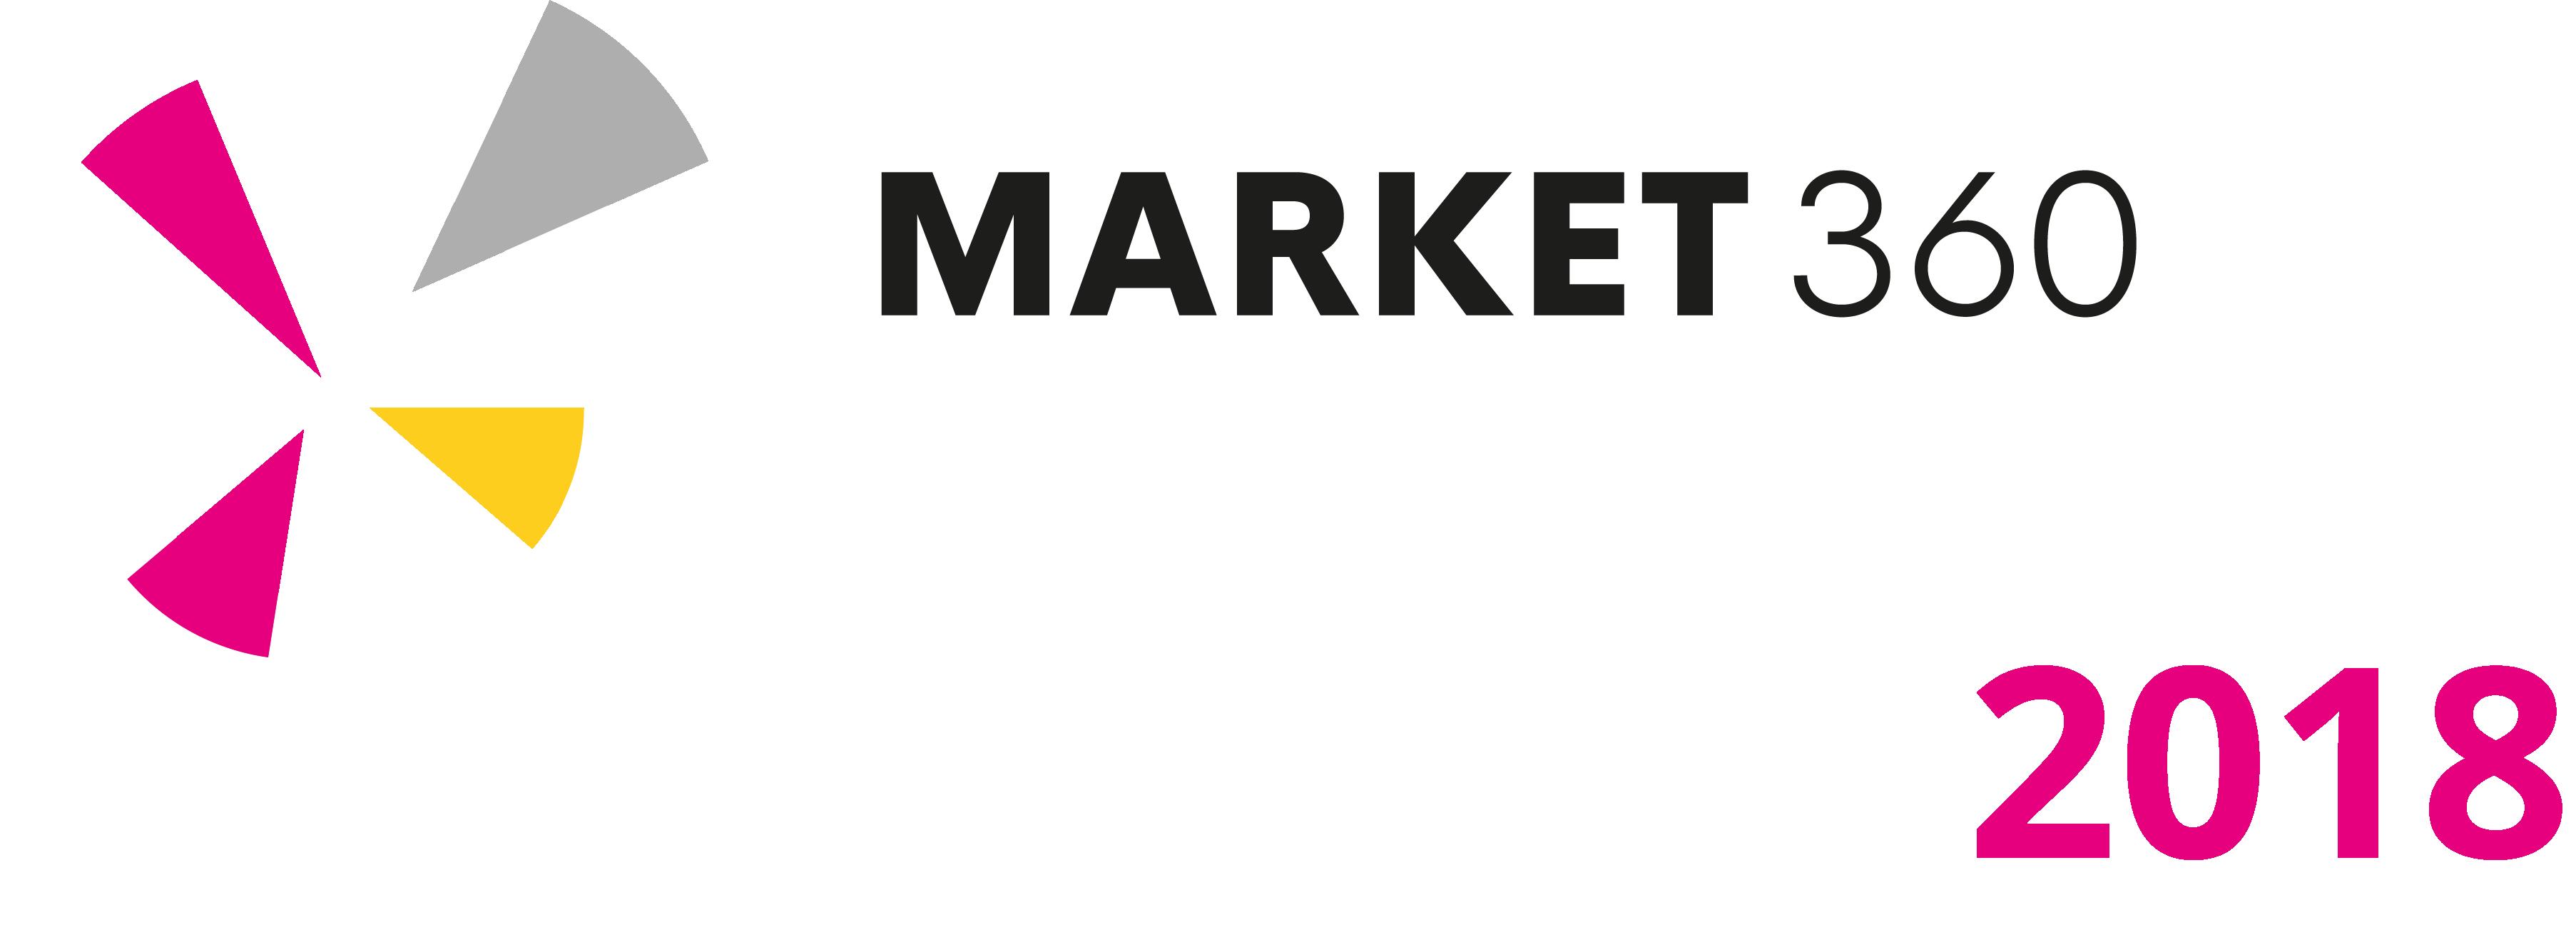 Market360-Post-Trade-2018-Header